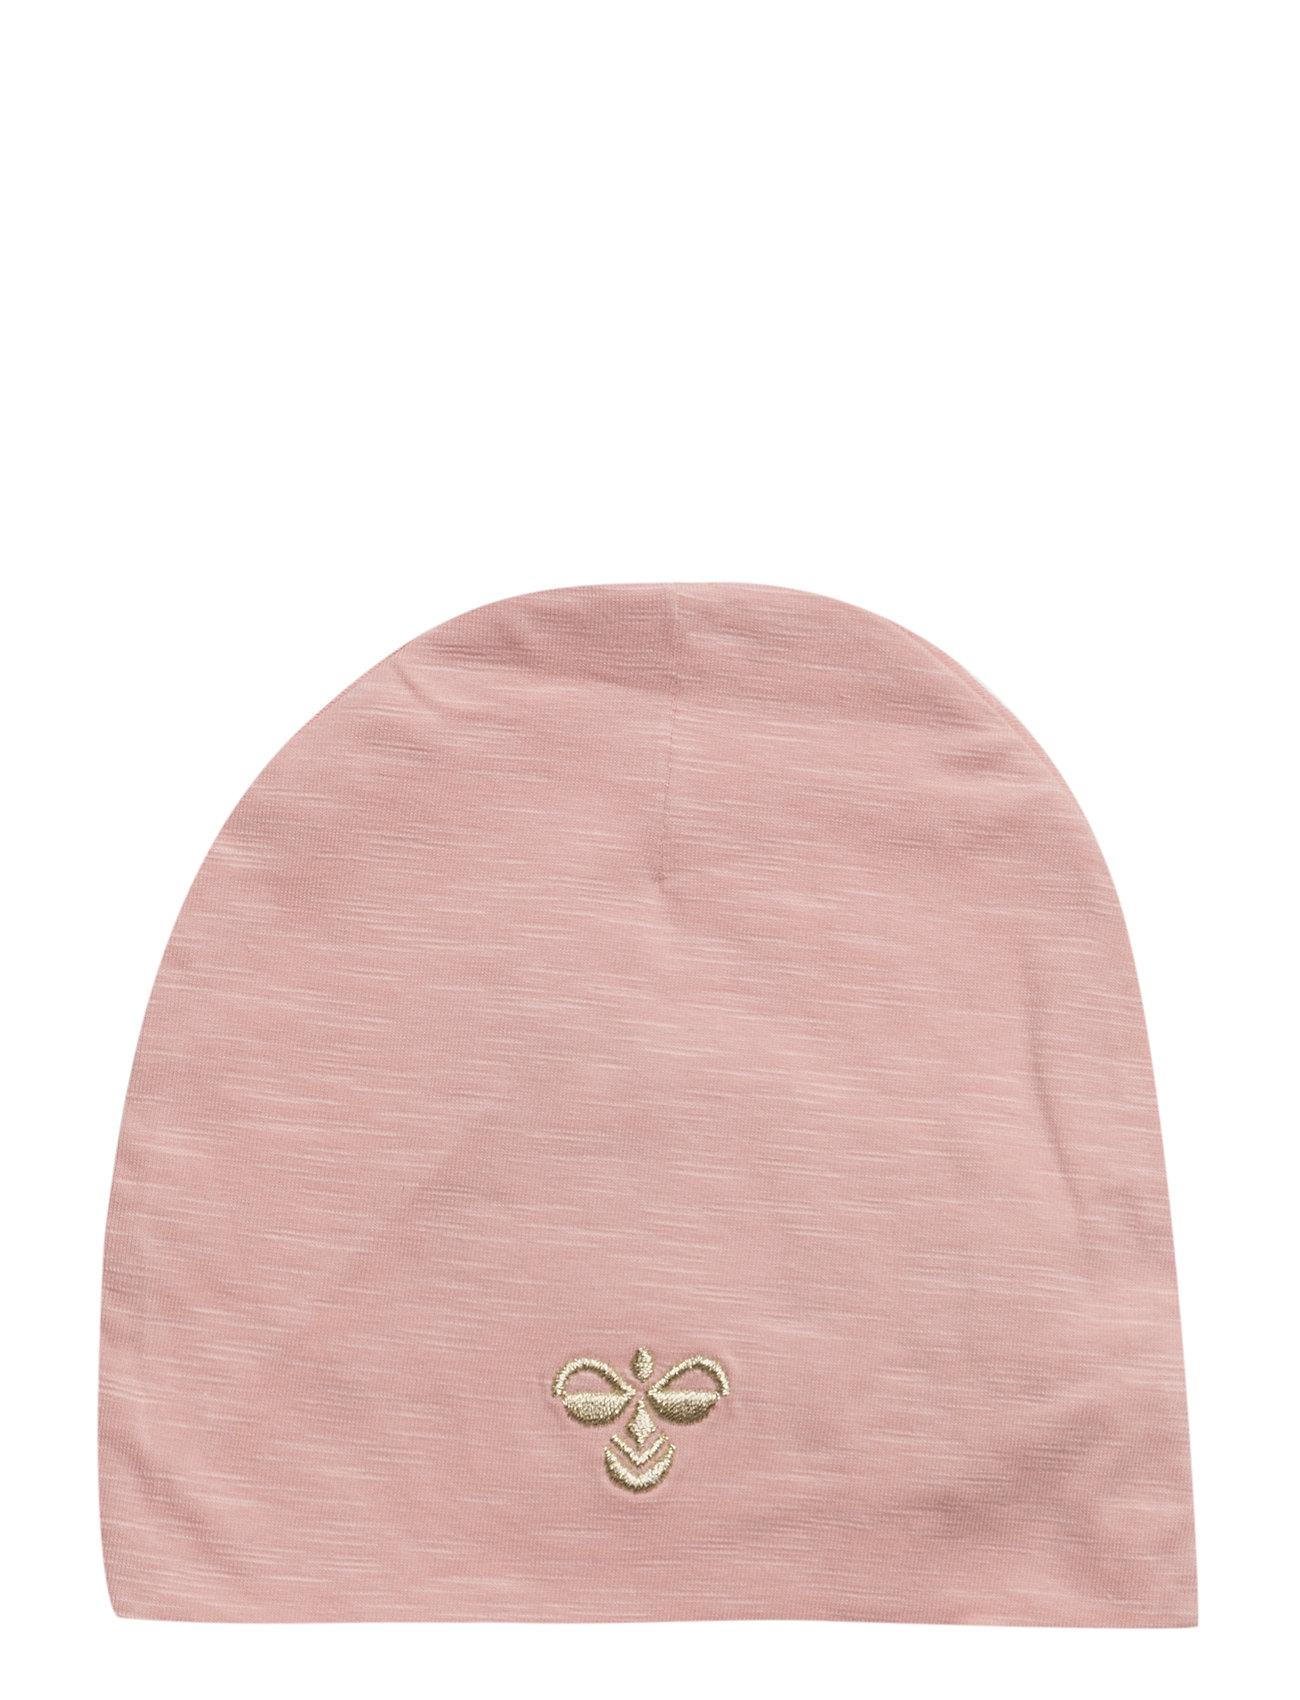 Hummel HMLHEA HAT - MELLOW ROSE